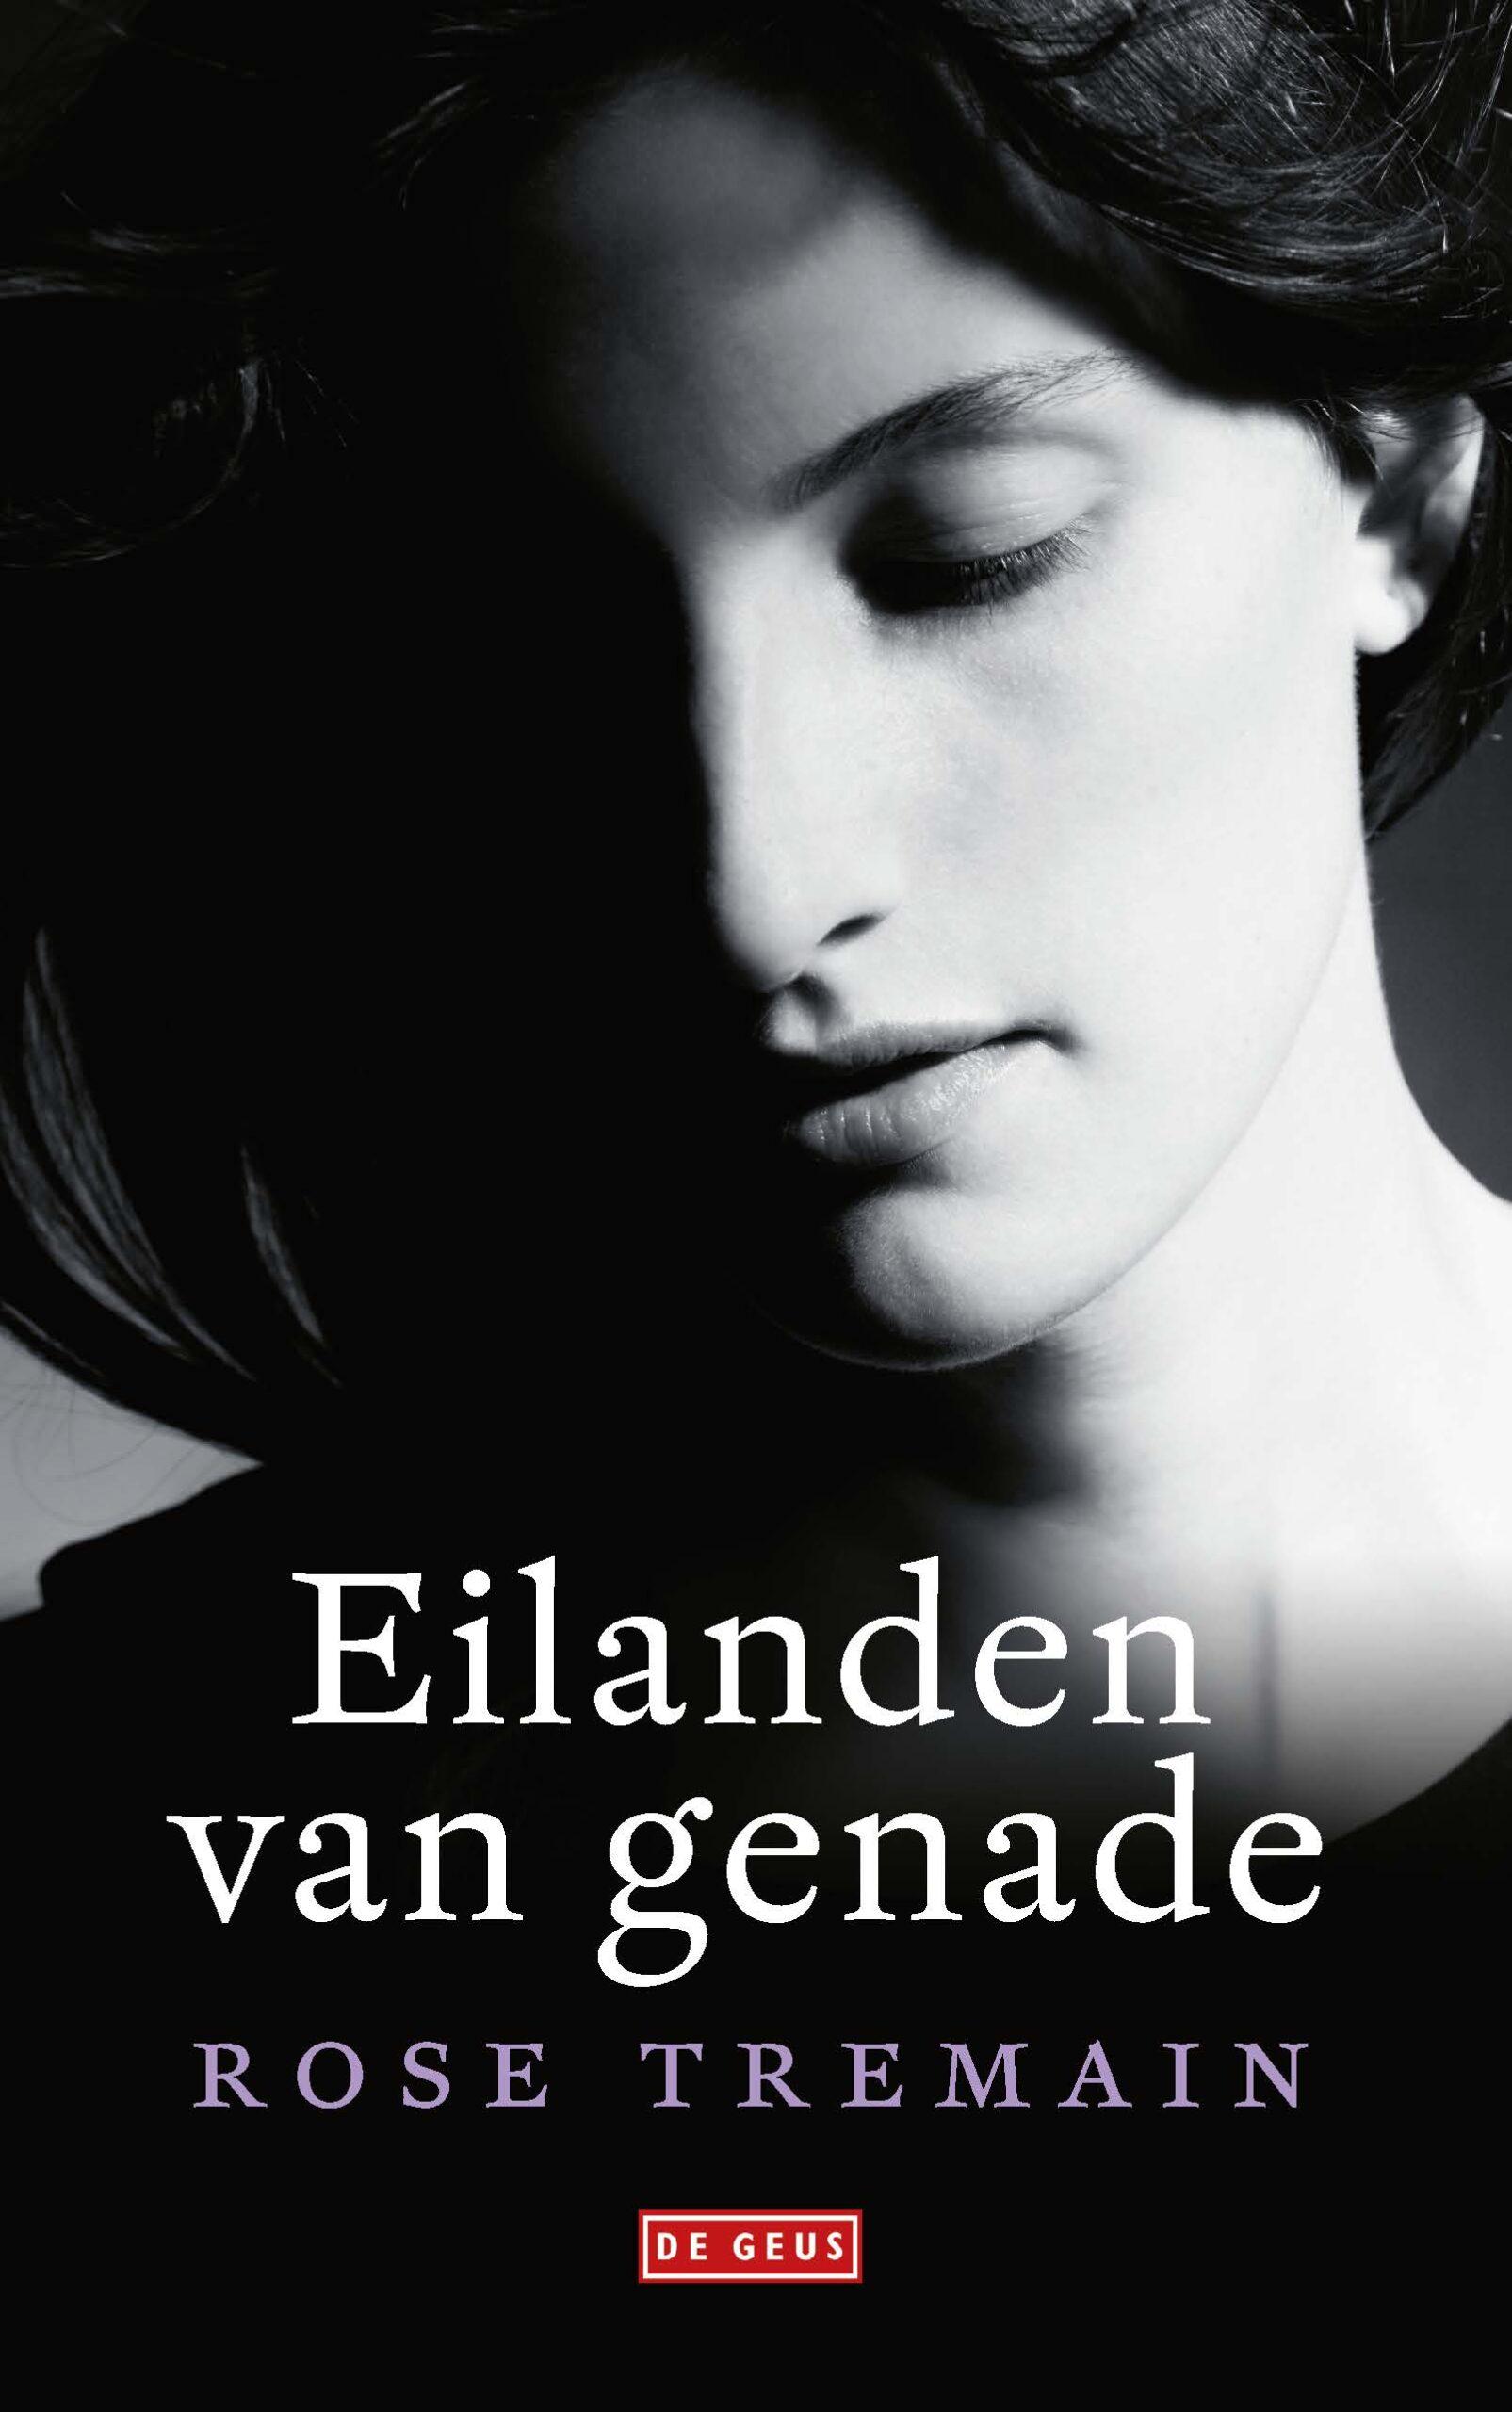 Eilanden van genade - boekenflits.nl